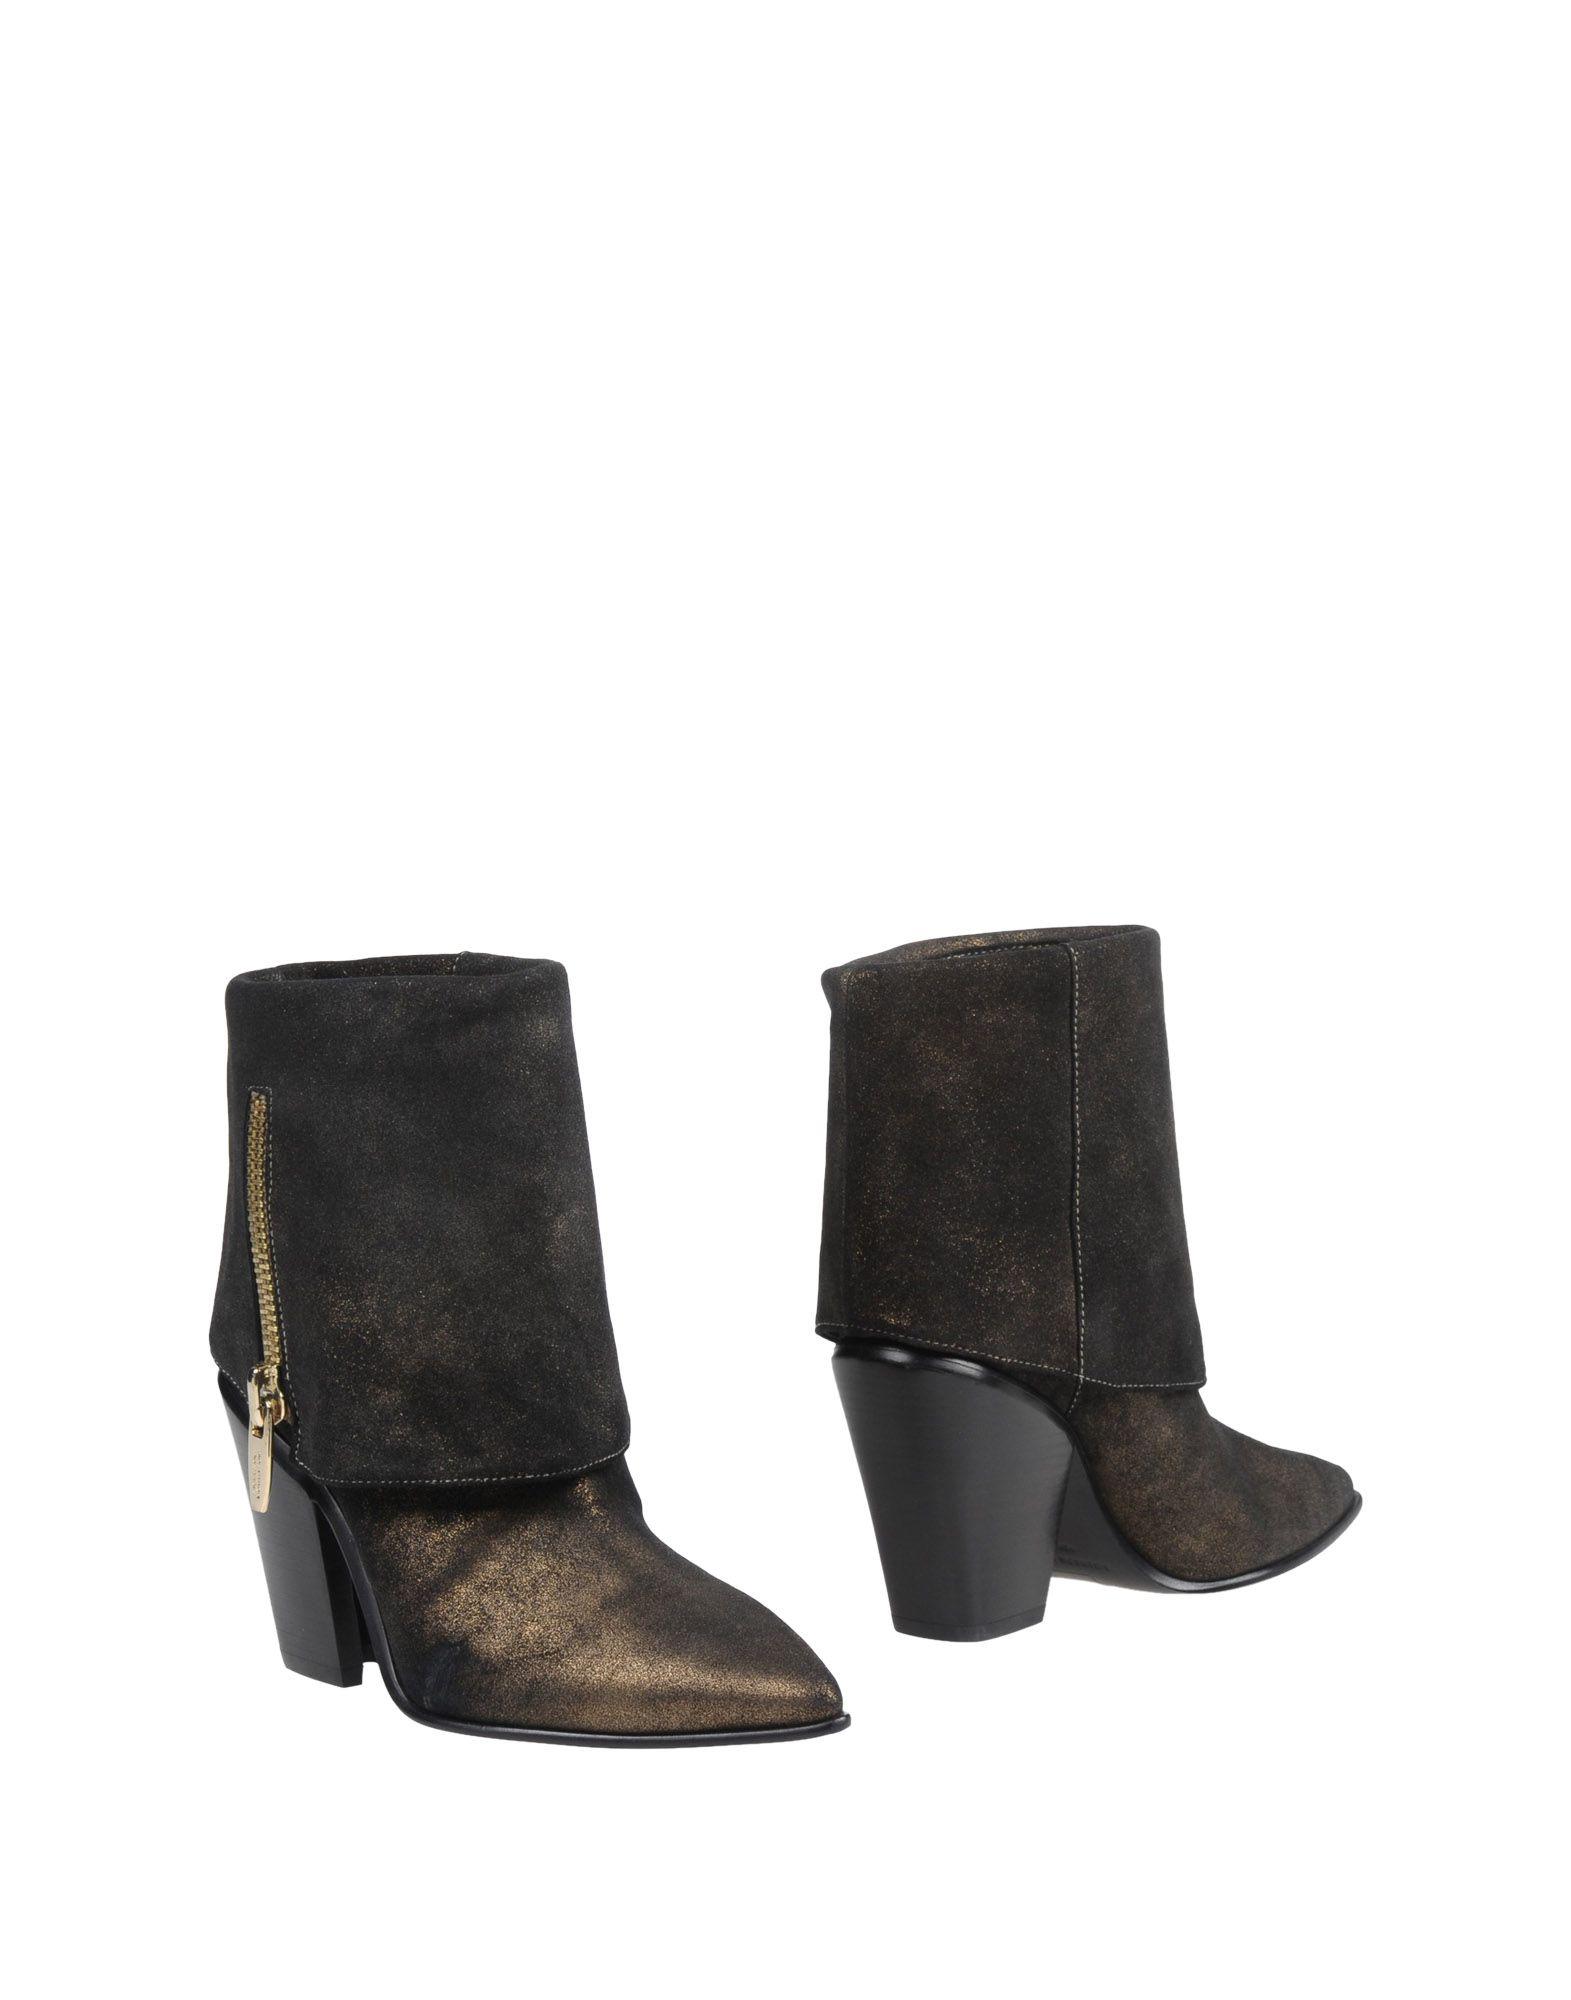 Sigerson Morrison Stiefelette Damen  11420256DC Gute Qualität beliebte Schuhe